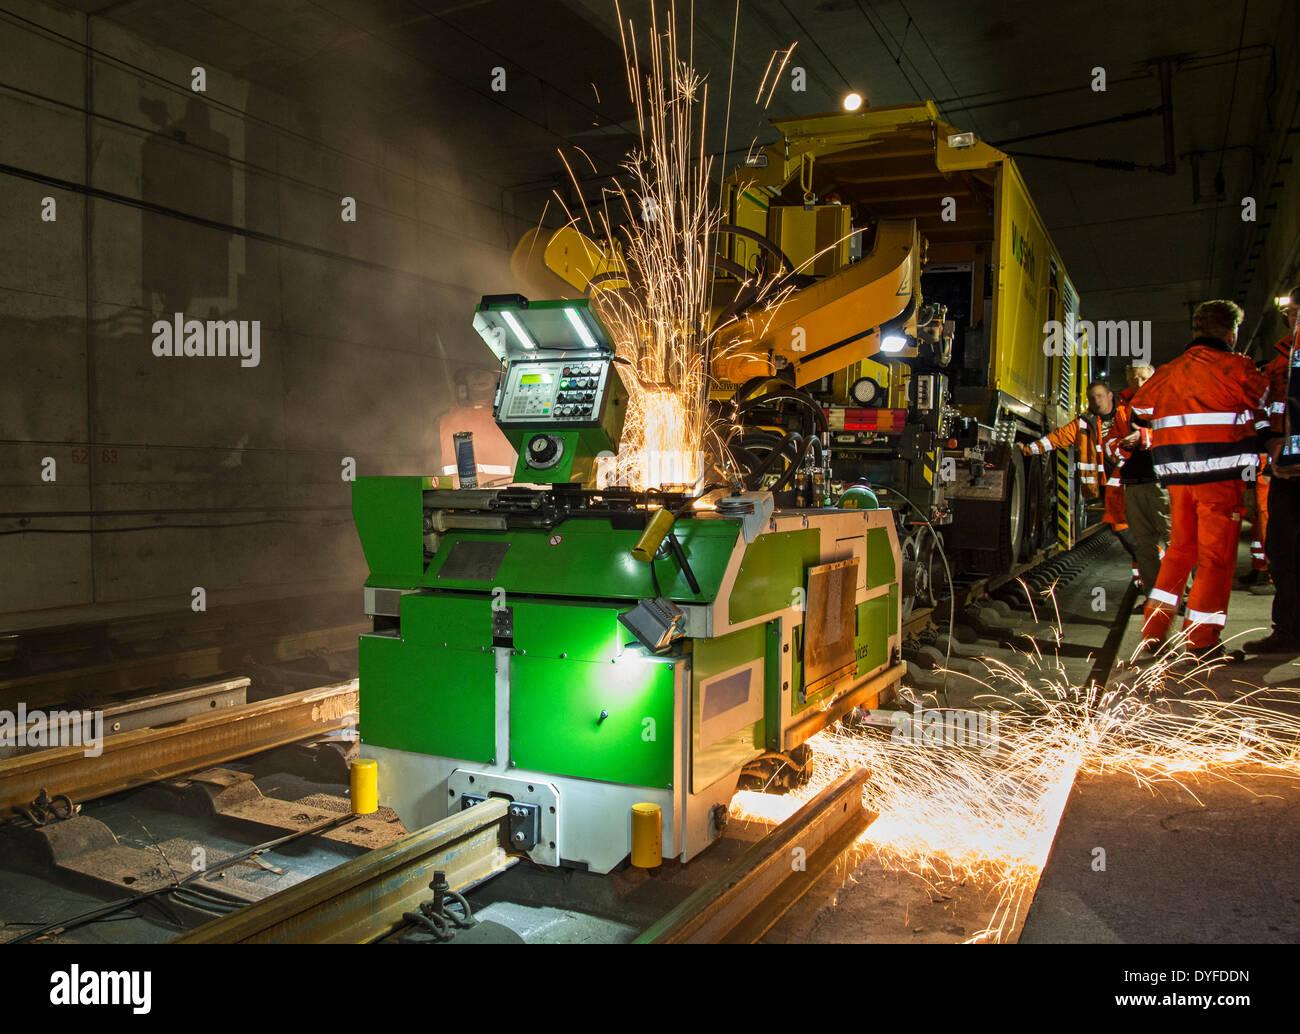 Macchina di saldatura la saldatura nuova posa i binari della ferrovia in un tunnel vicino a Francoforte - Germania - Aprile 2014. Immagini Stock